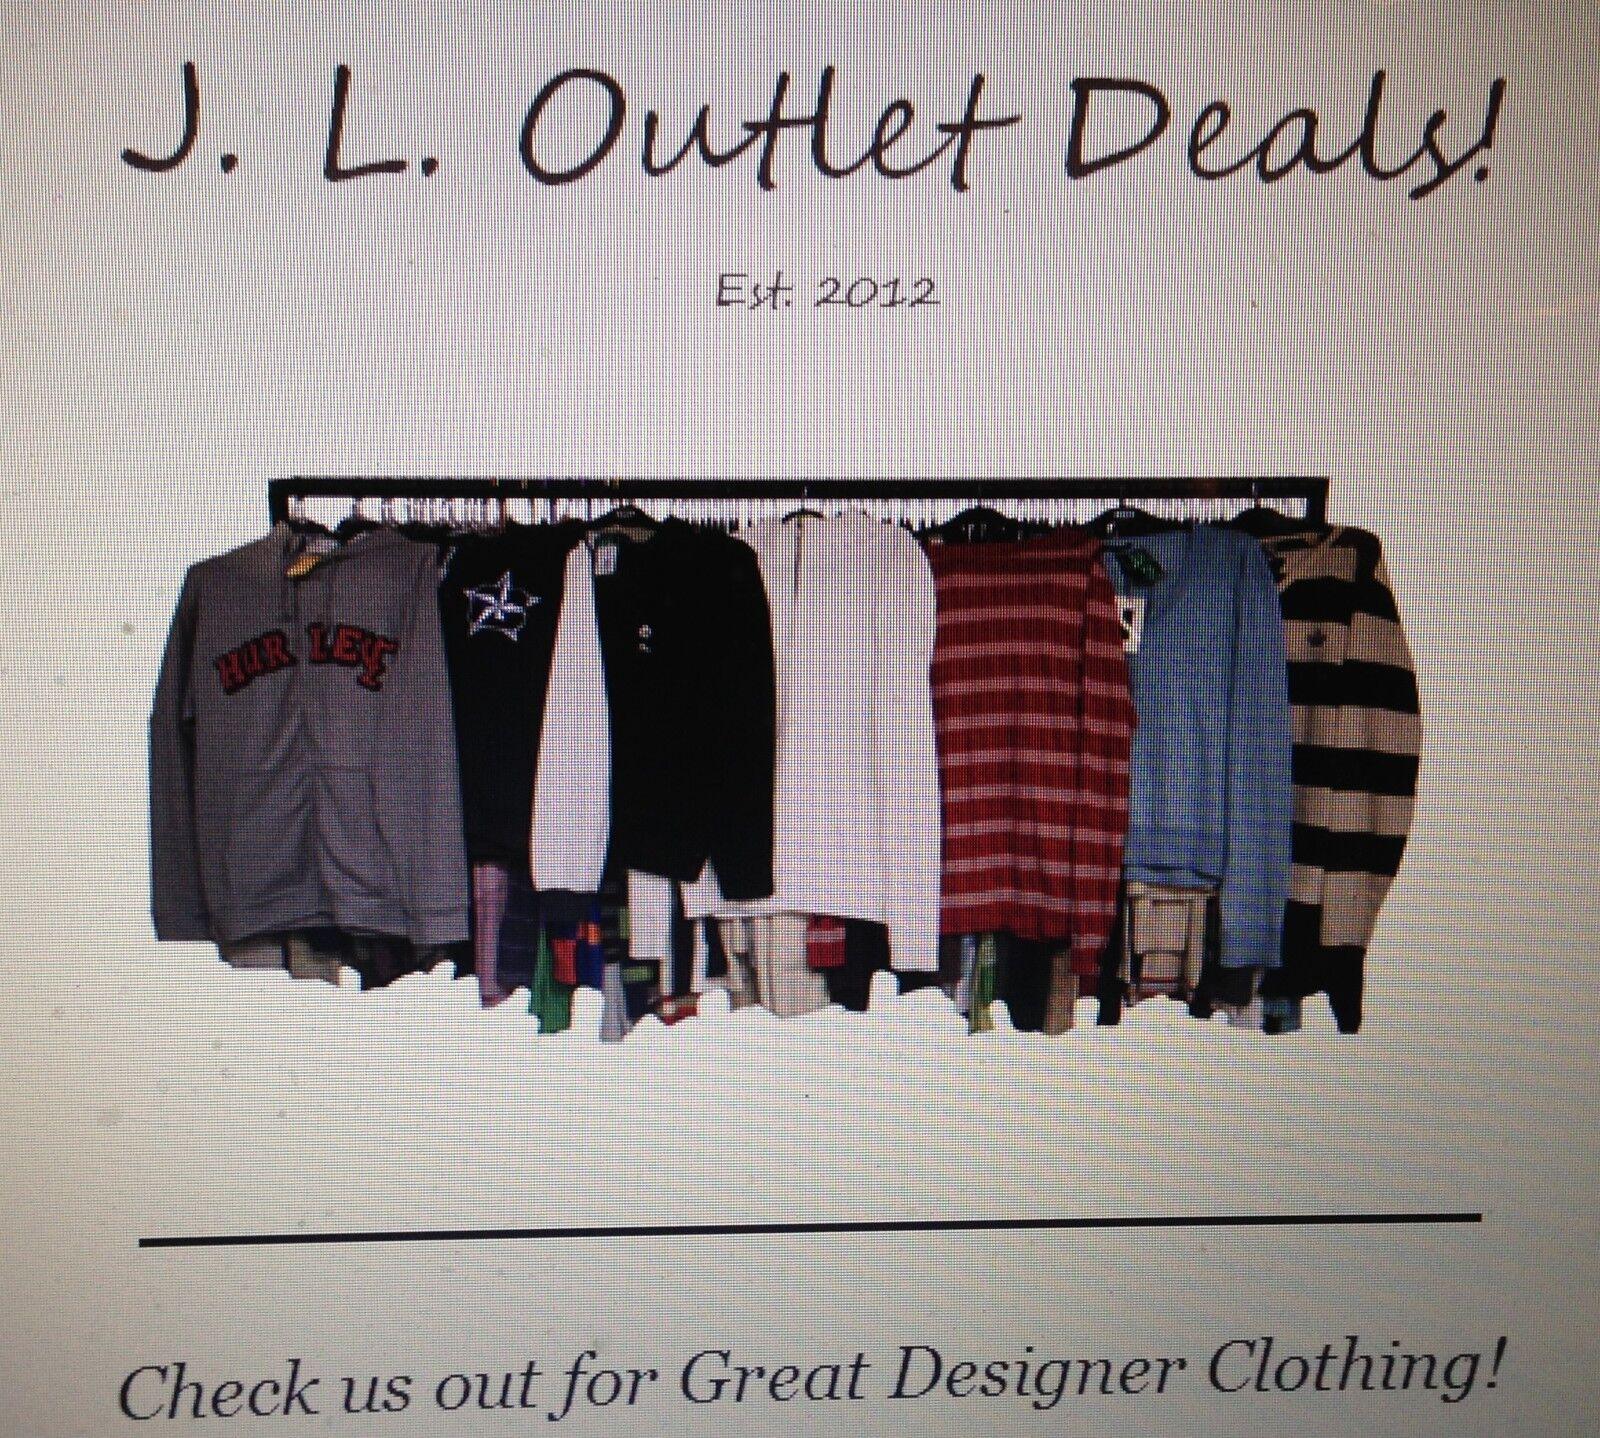 J.L. Outlet Deals